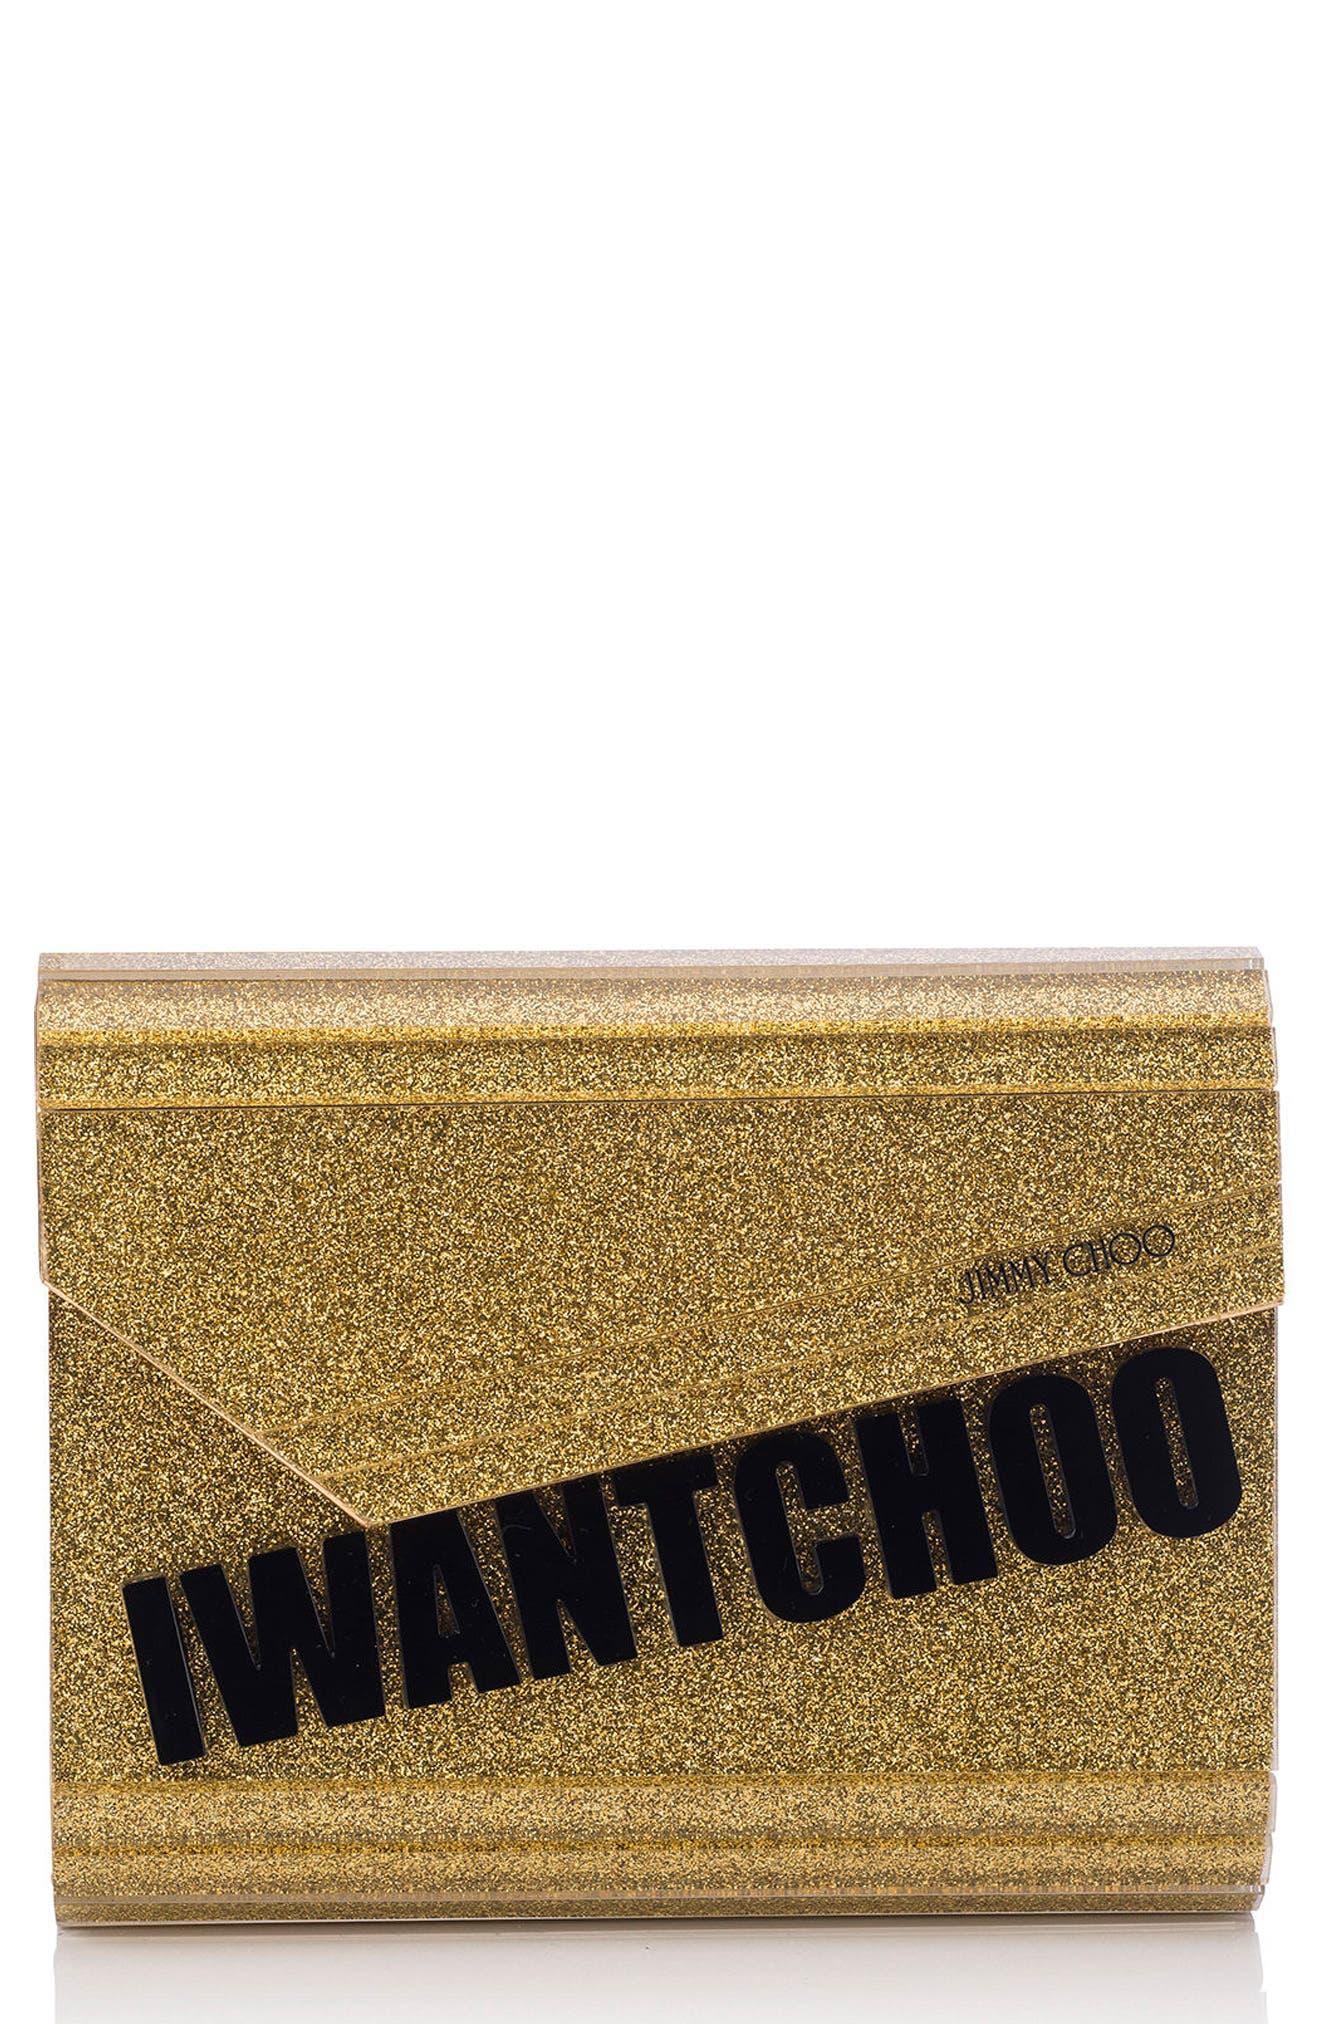 Main Image - Jimmy Choo Candy I Want Choo Glitter Clutch